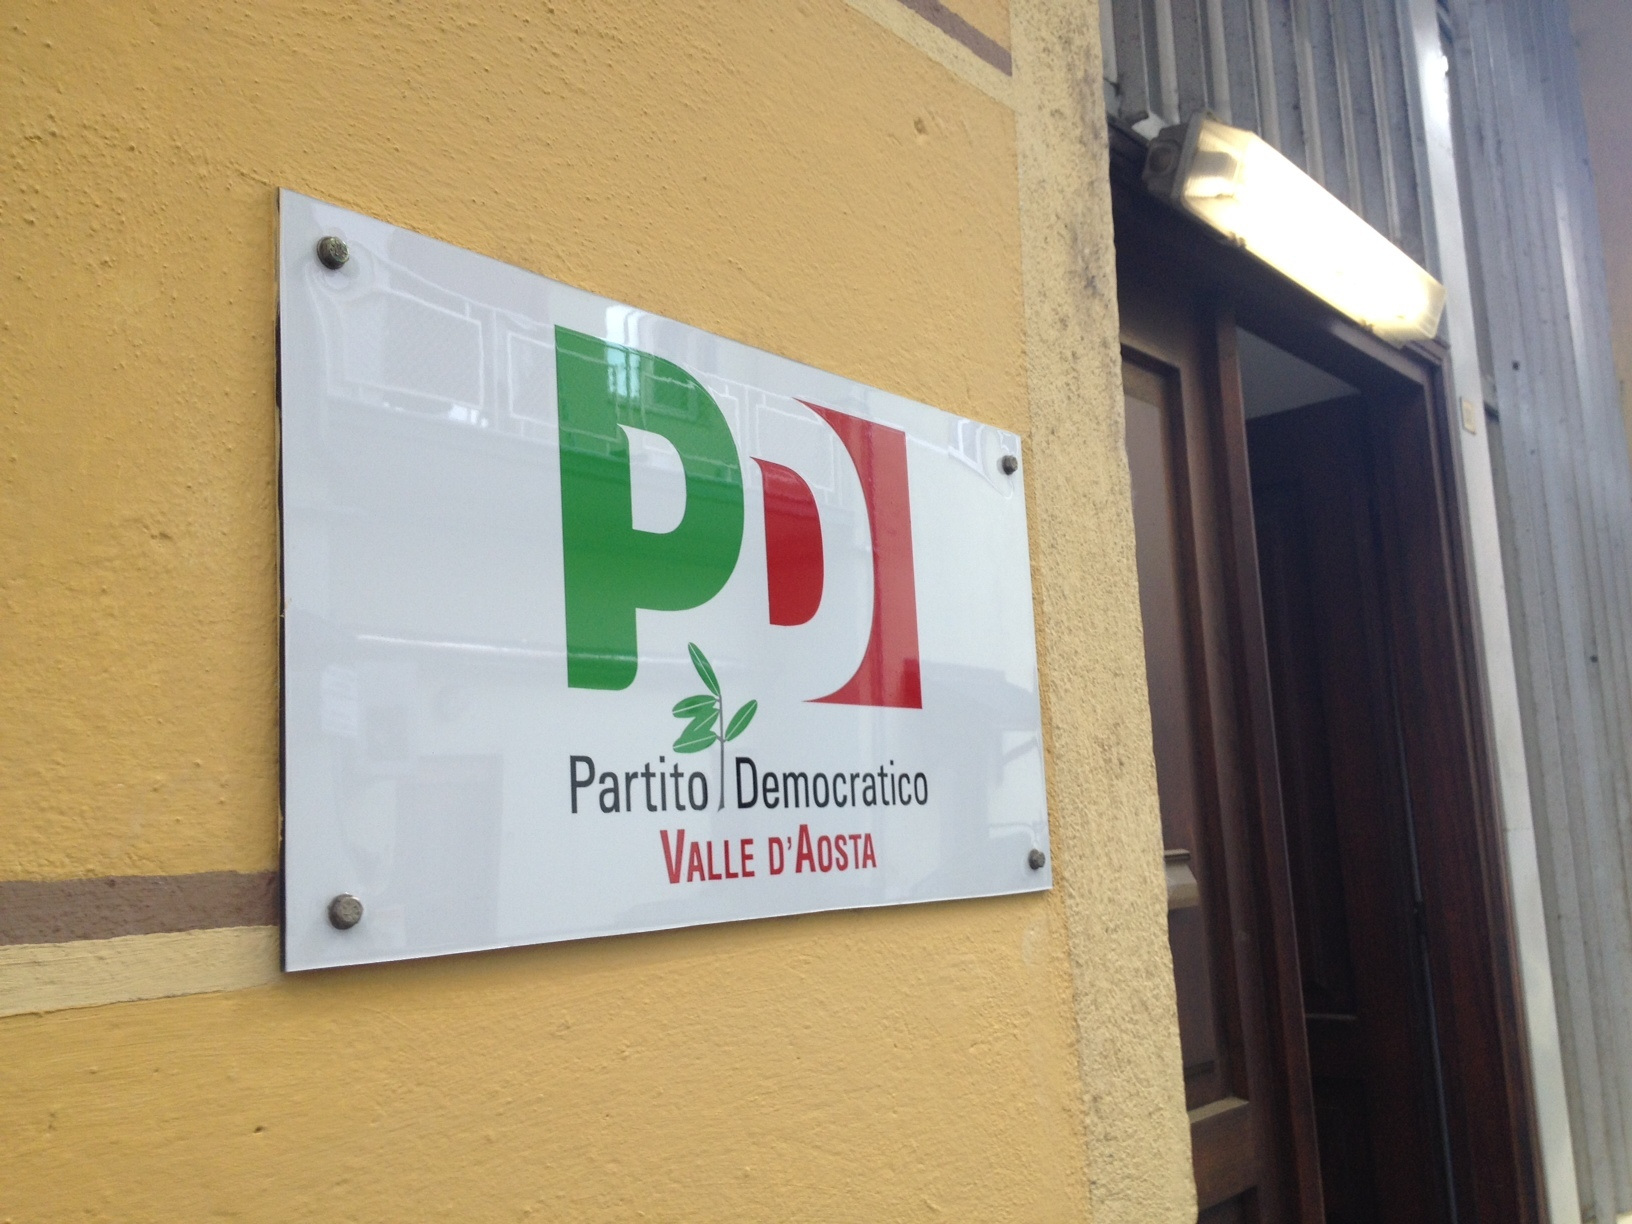 Primarie Pd,elezione slitta in assemblea